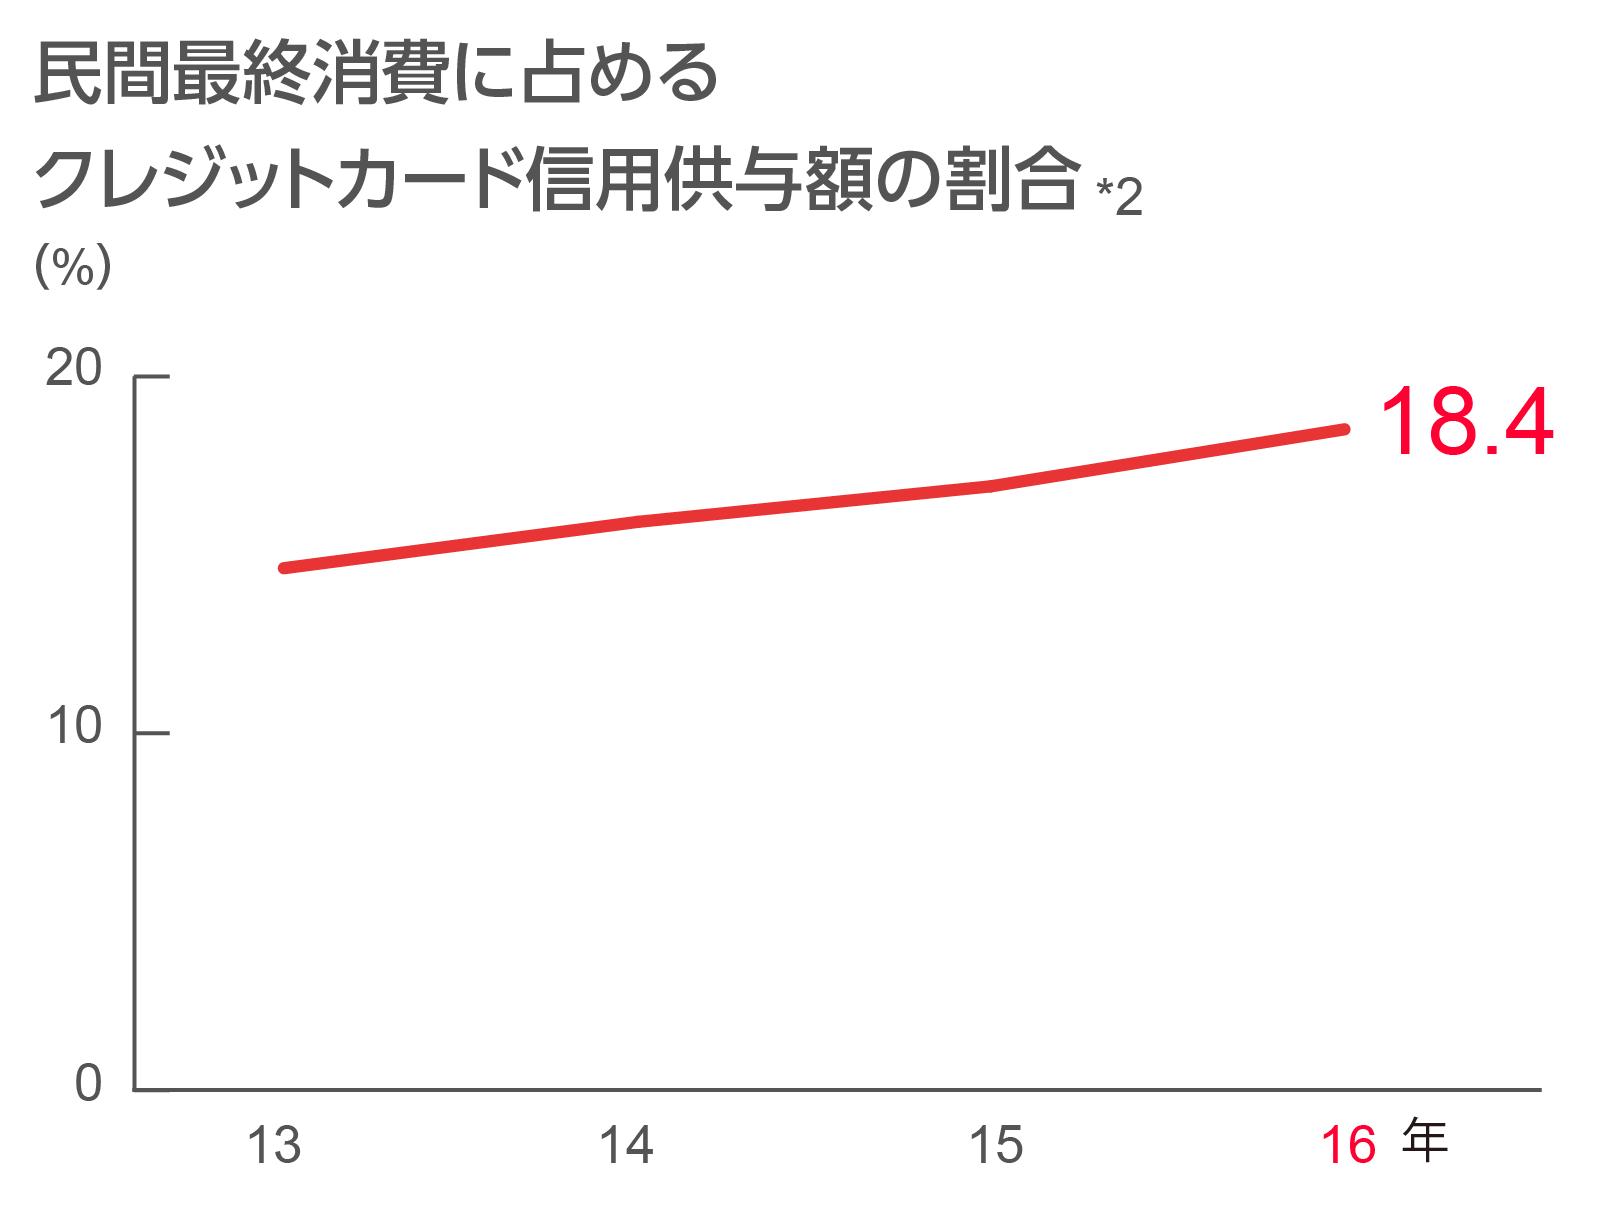 民間最終消費に占めるクレジットカード信用供与額の割合のグラフ図